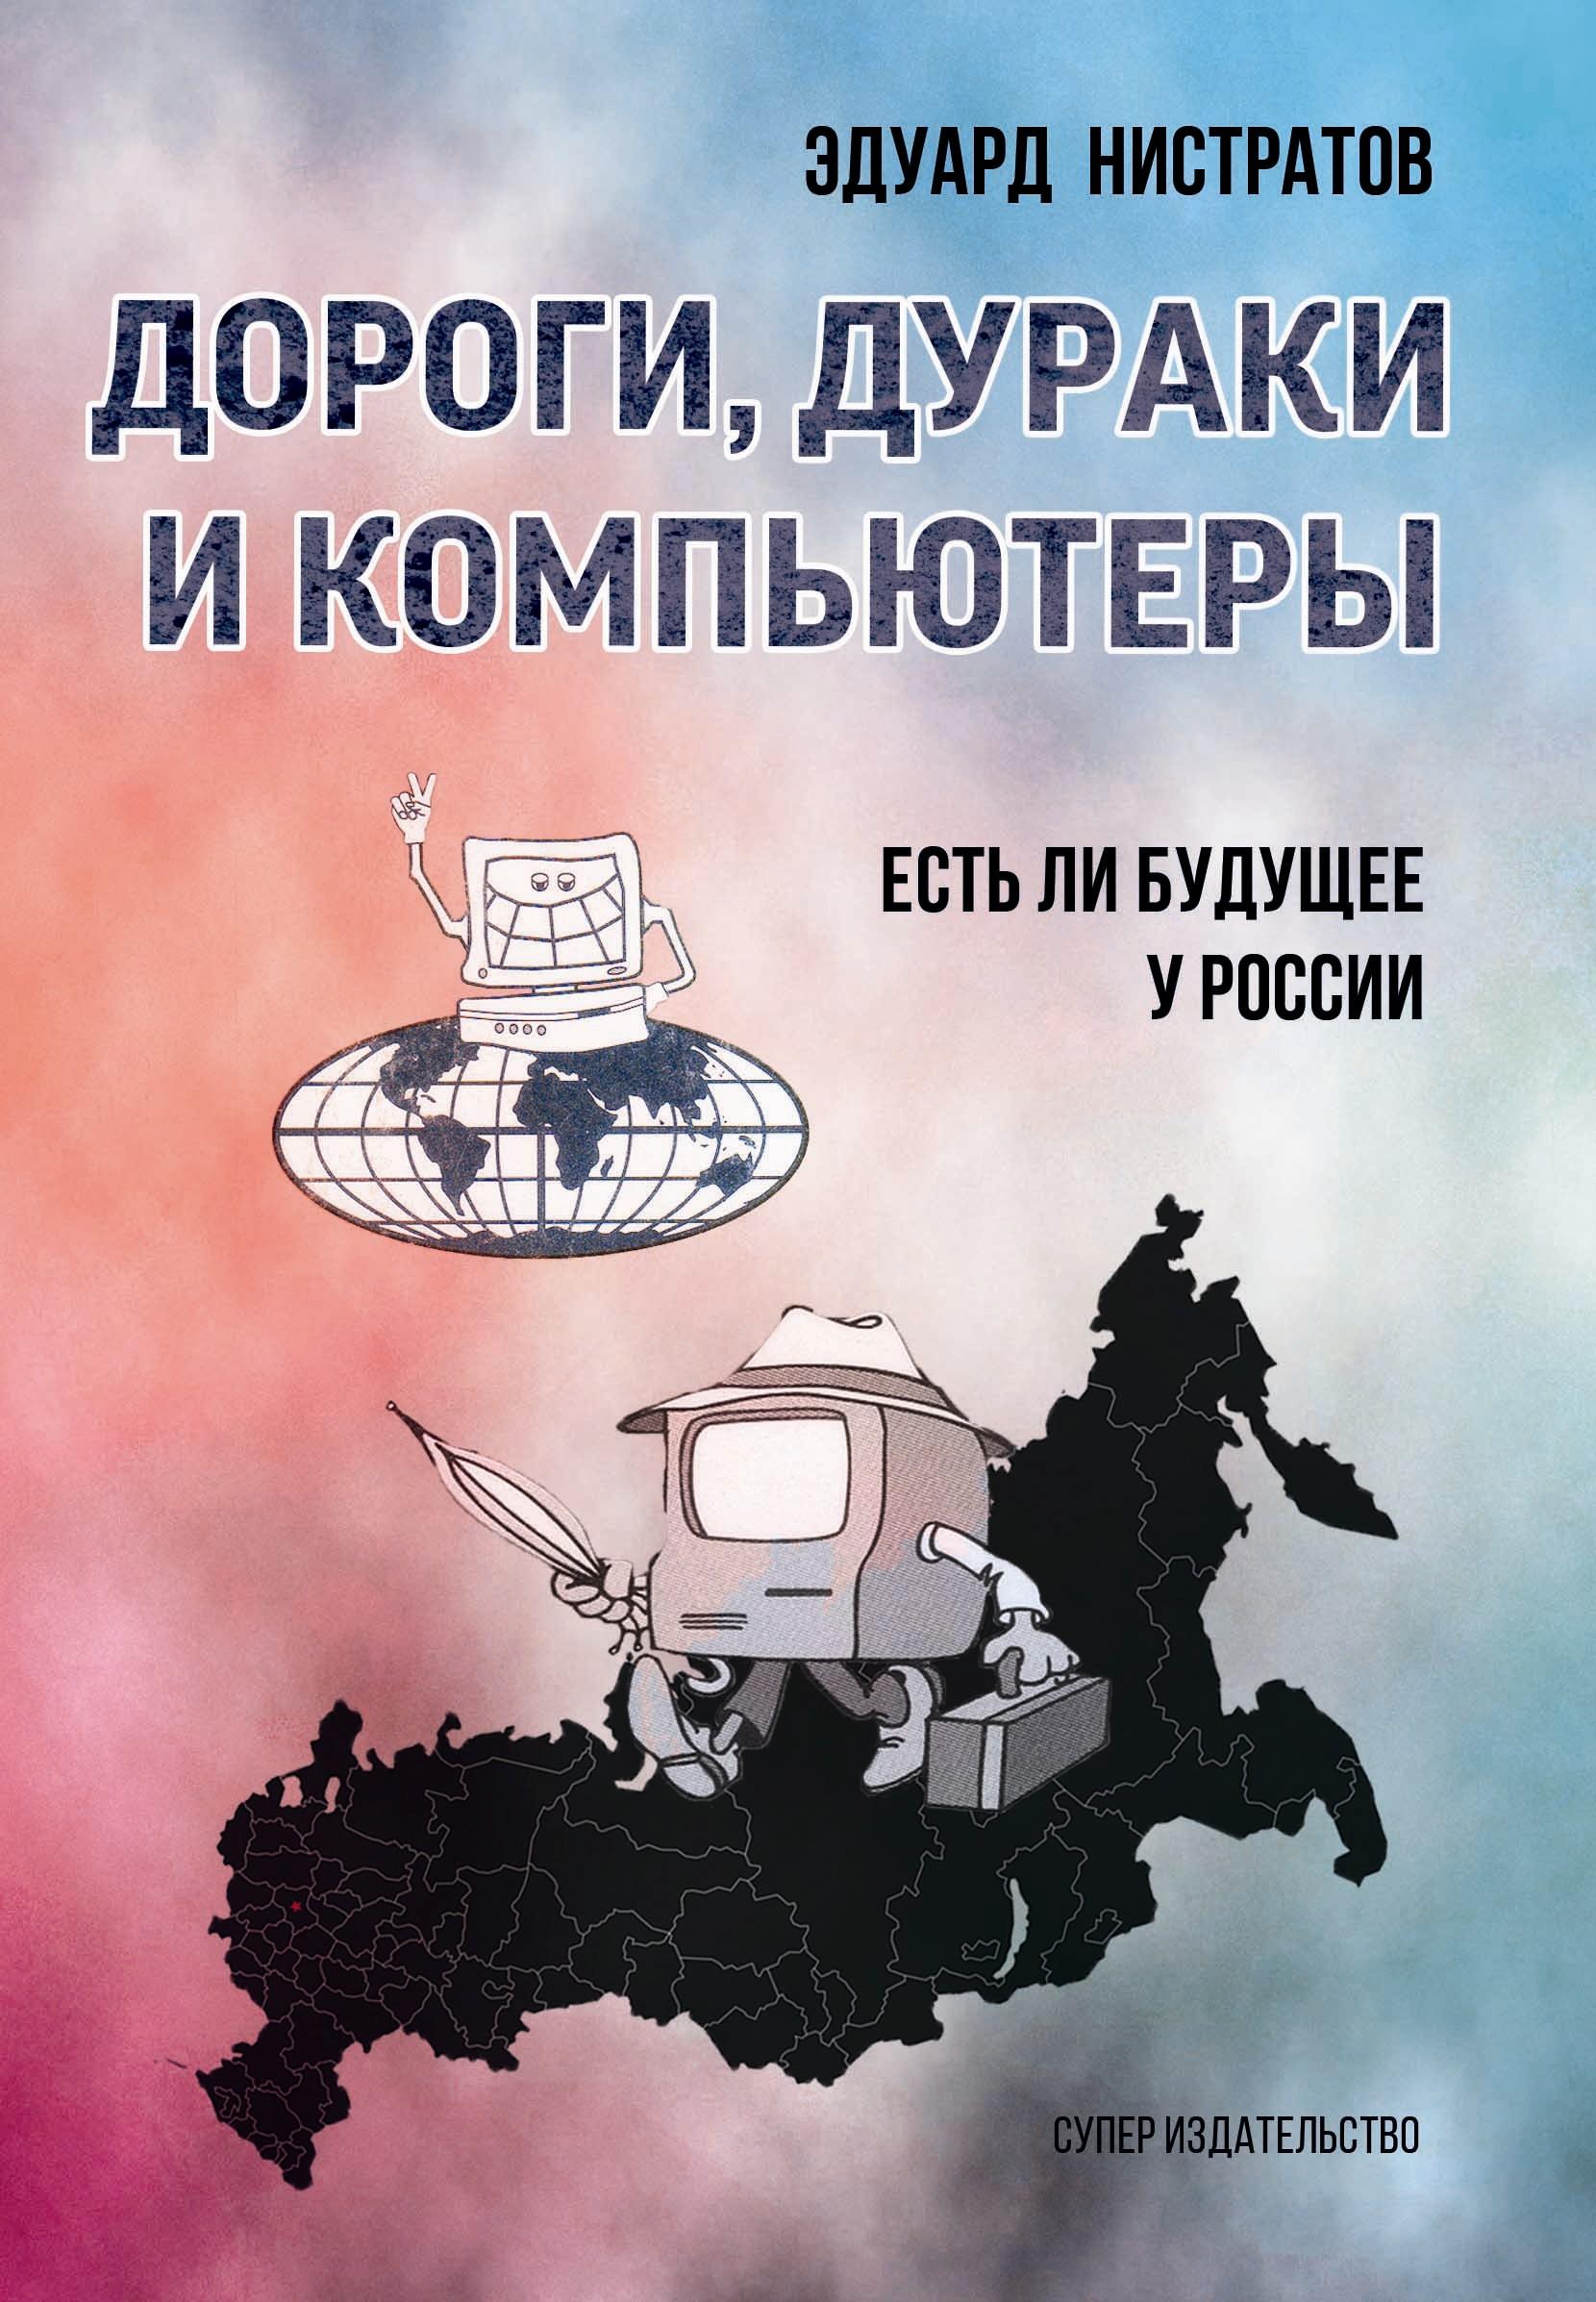 Эдуард Нистратов Дороги, дураки и компьютеры. Есть ли будущее у России